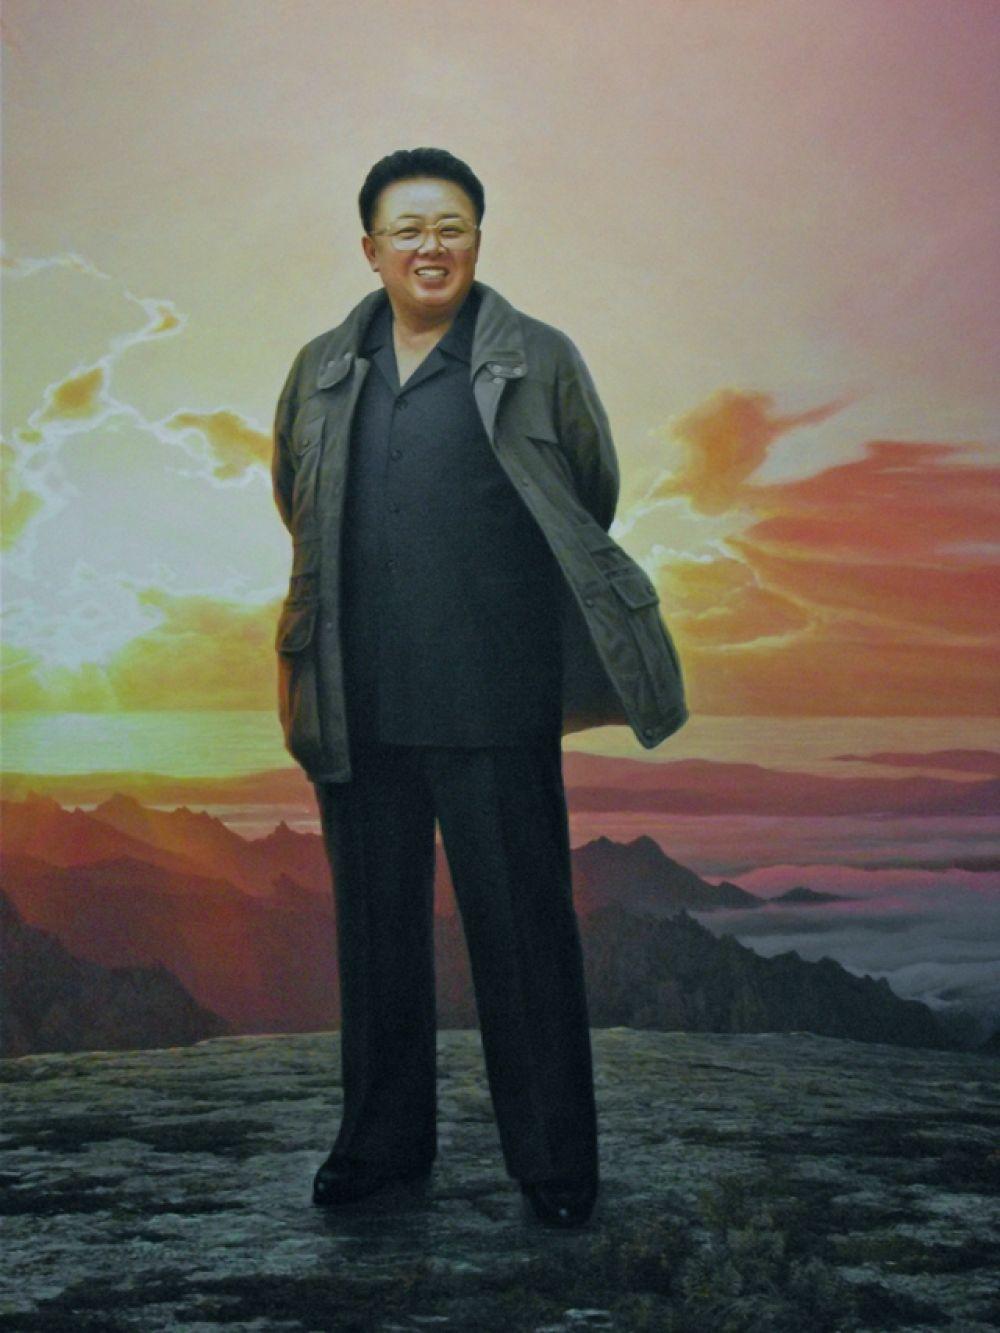 В КНДР считается, что Ким Чен Ир — замечательный композитор, причём шесть опер, авторство которых ему приписывается, были написаны за два года. Его труды «Об идеях чучхе», «О некоторых вопросах, возникающих при изучении философии чучхе», «О киноискусстве», «О литературе, основанной на принципе чучхе» считаются классическими. Считается, что он — великий архитектор, создавший план «Башни Чучхе» в Пхеньяне.